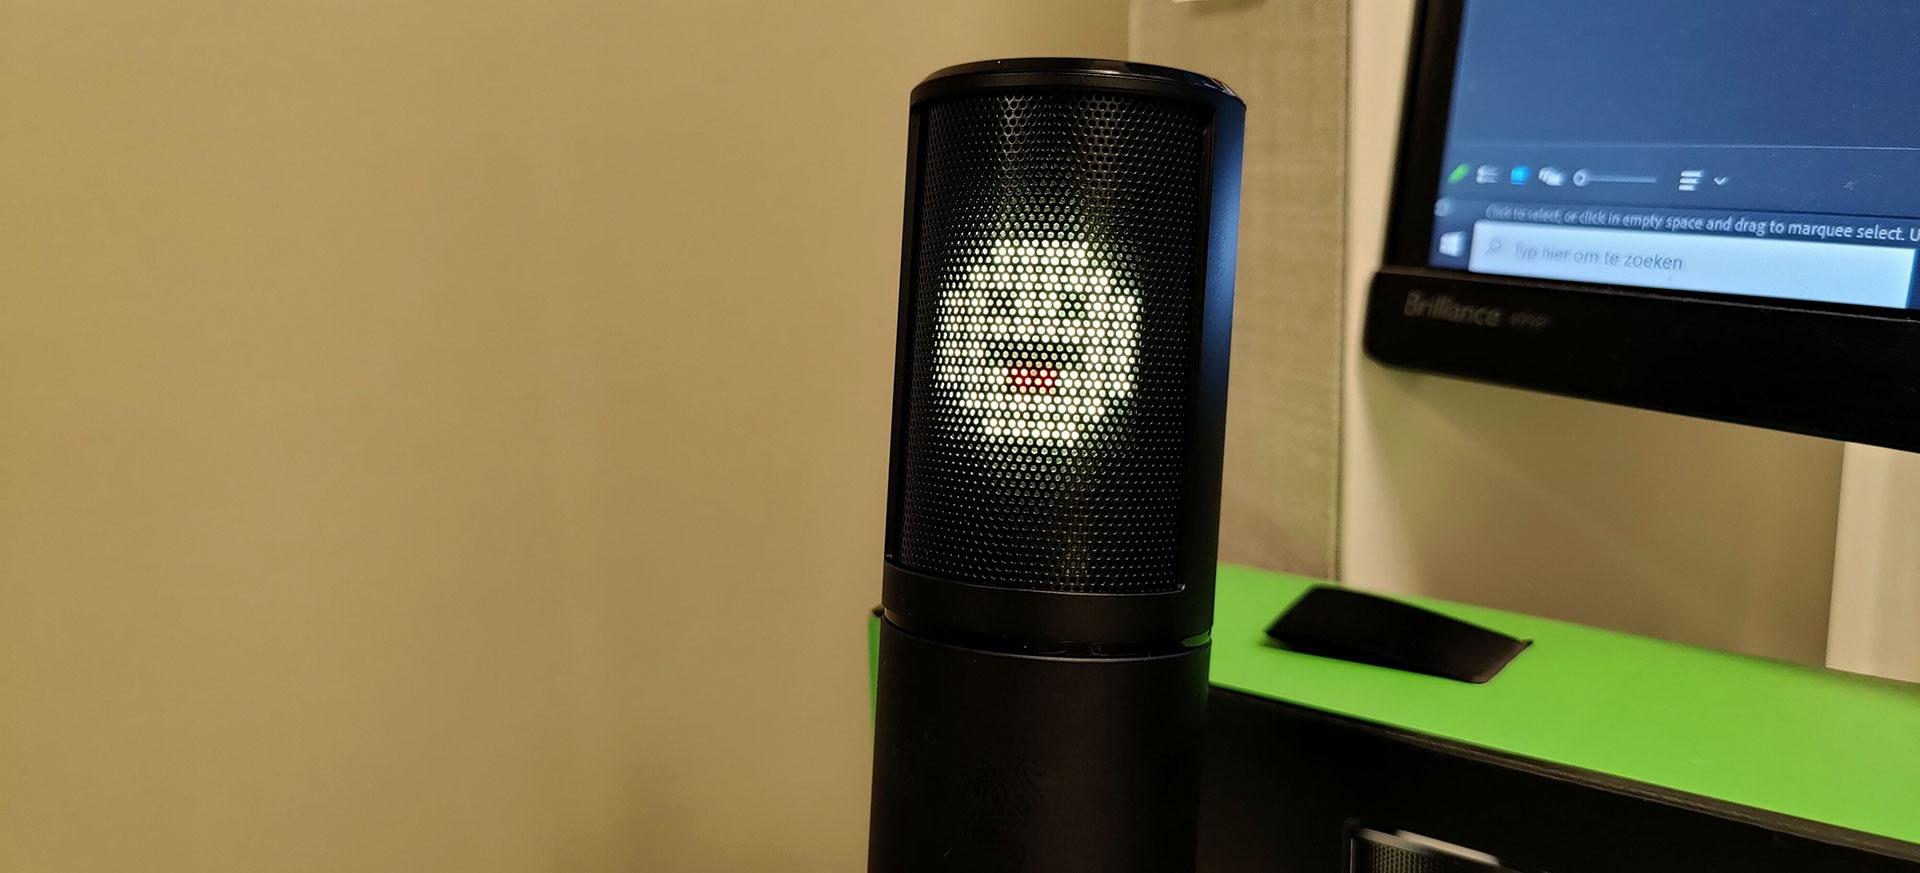 Razer Seiren Emote 8x8 LED